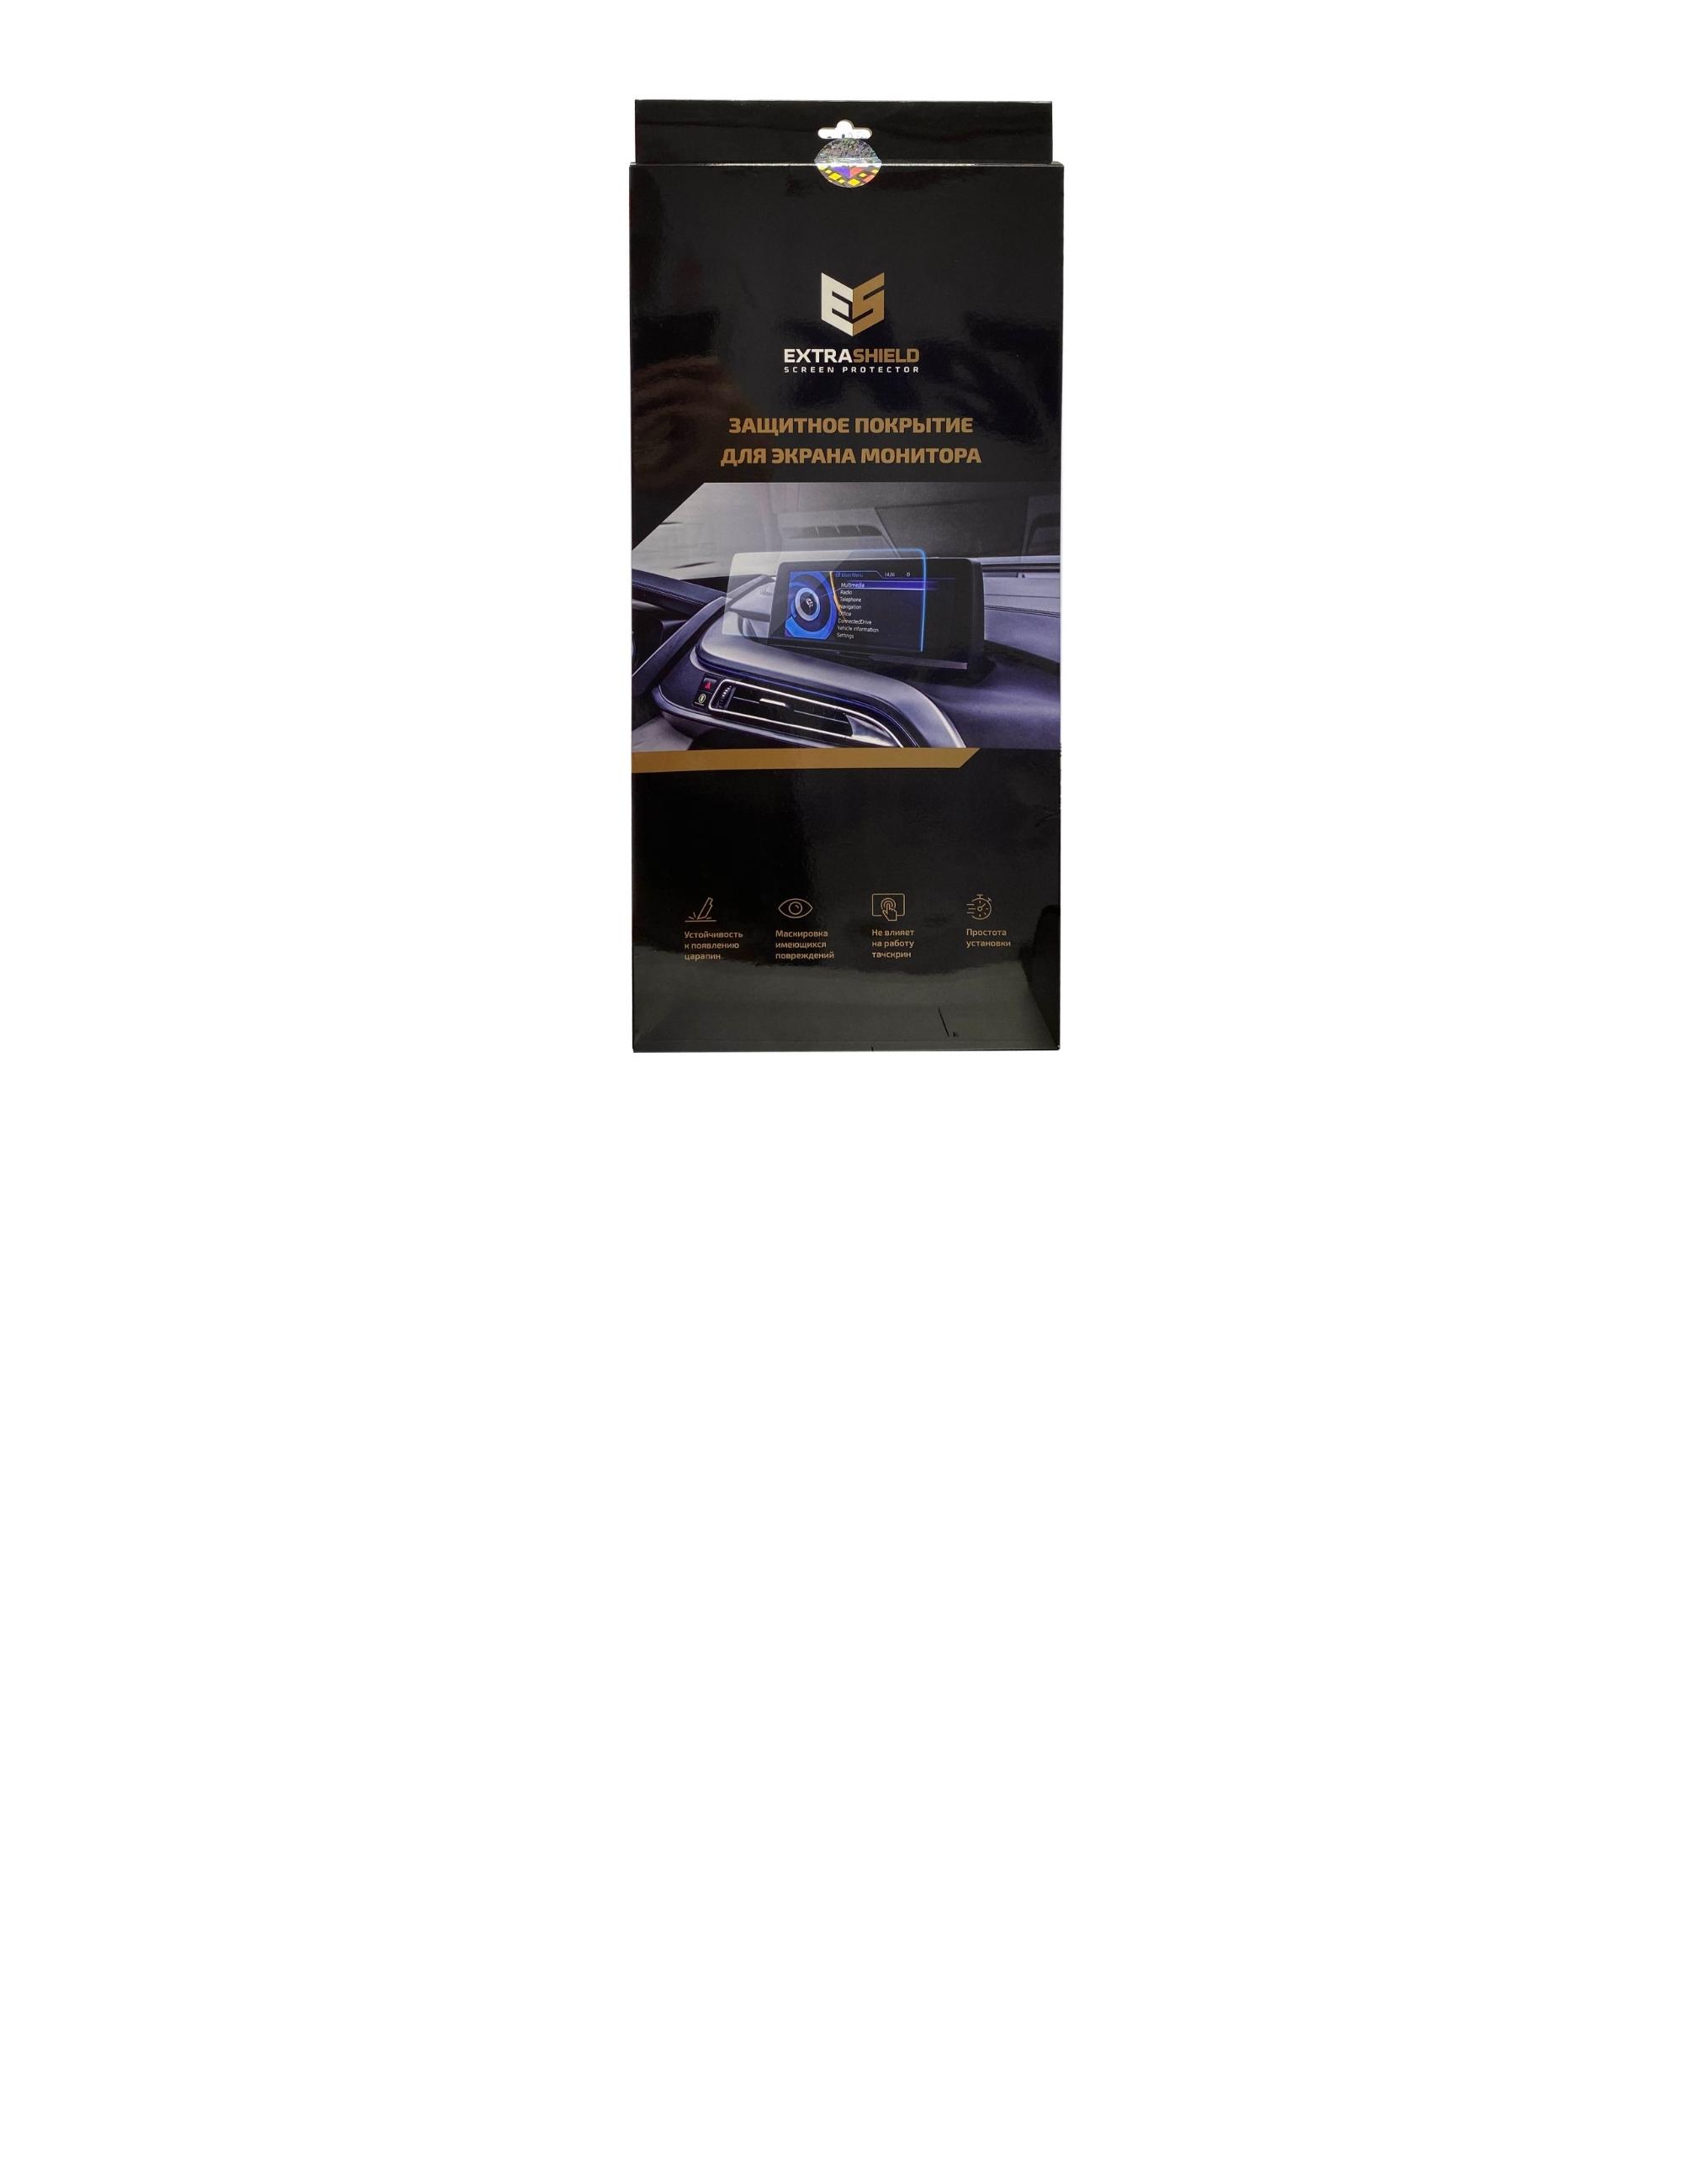 BMW X6 (G06) 2019 - н.в. приборная панель (с датчиком) 12.3 Защитное стекло Матовая